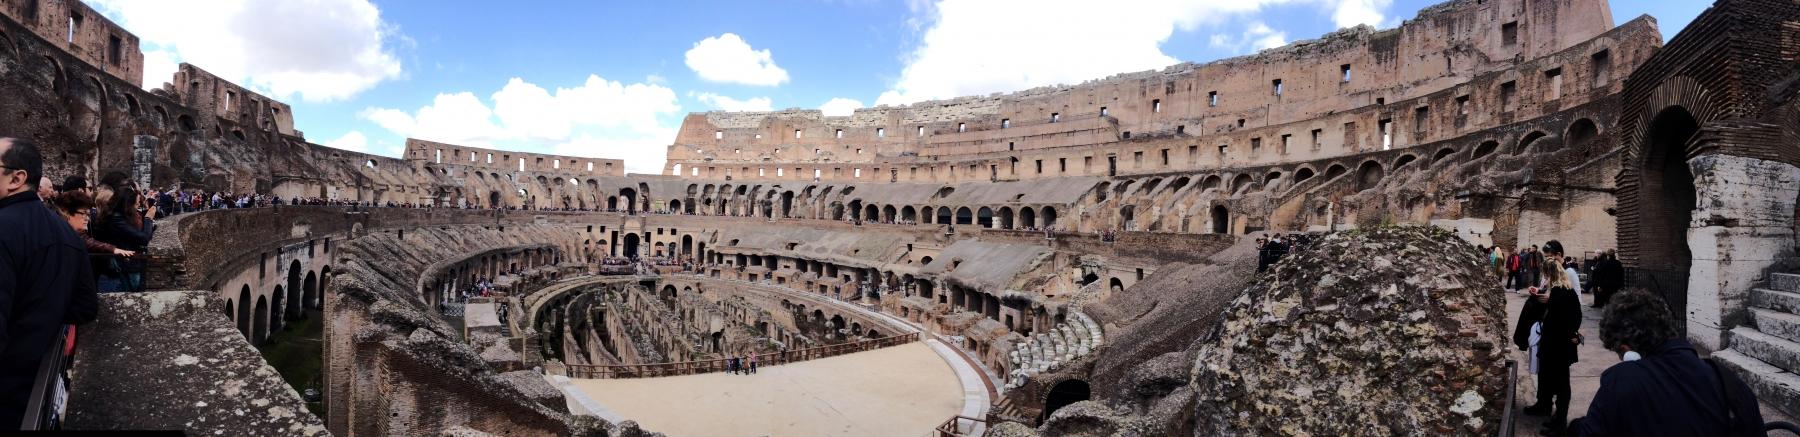 Rome_26_2